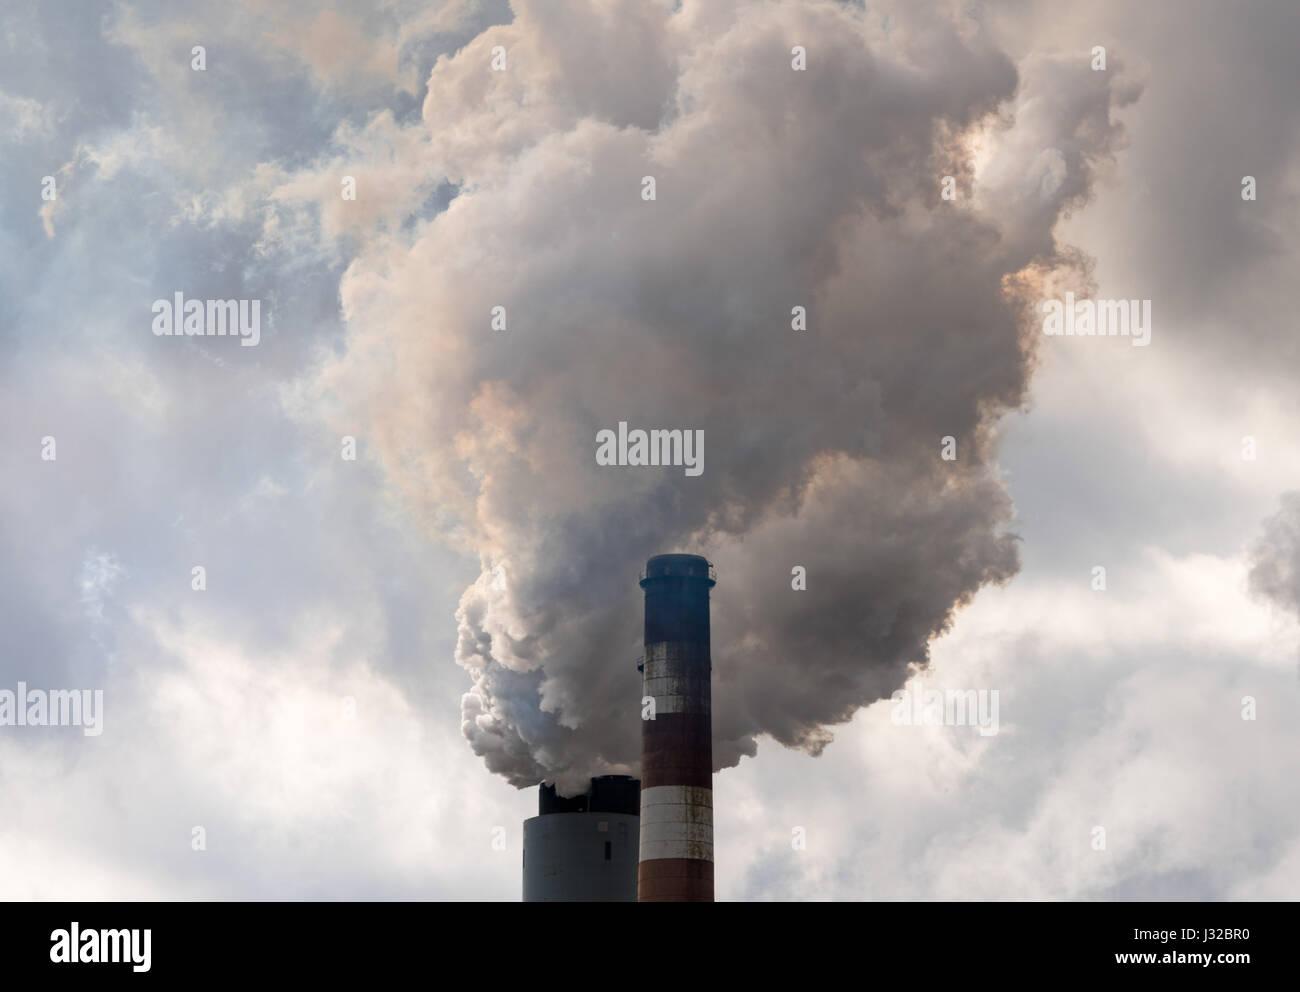 Rauchen und Luftverschmutzung aus dem Schornstein eines Amerikanischen industiral Kohle Kohlekraftwerk, USA Stockbild